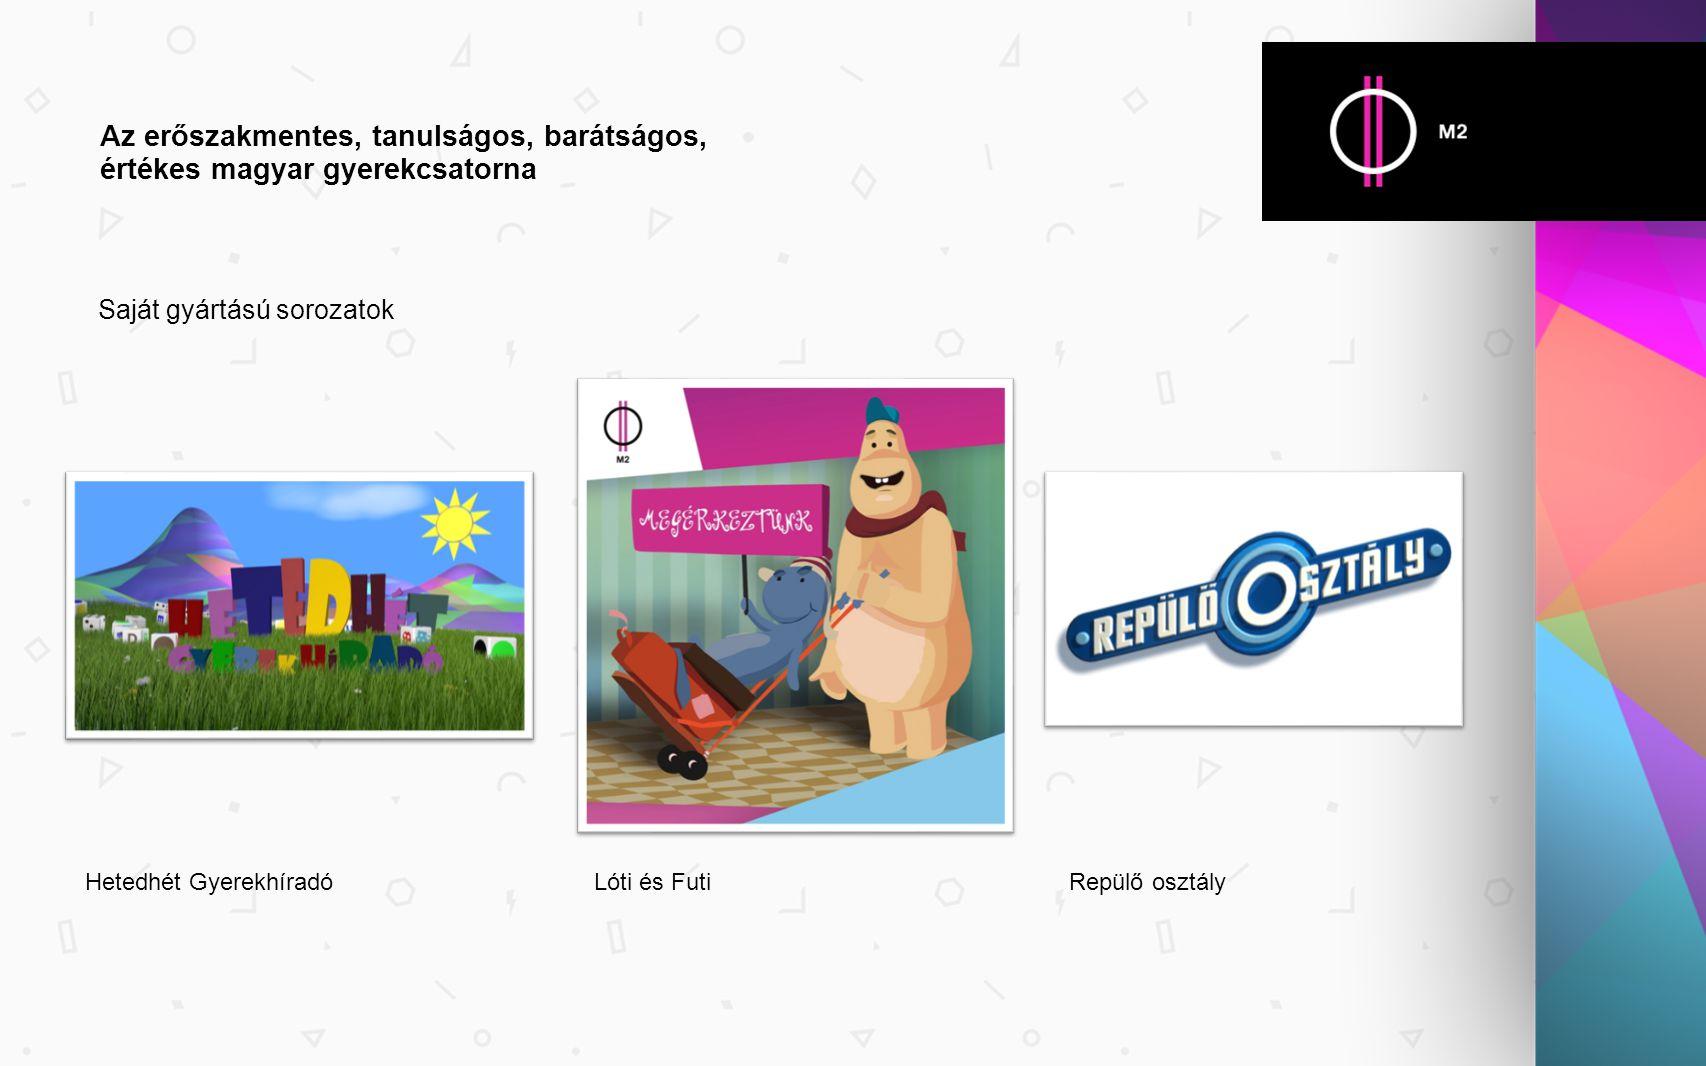 Saját gyártású sorozatok Az erőszakmentes, tanulságos, barátságos, értékes magyar gyerekcsatorna Hetedhét GyerekhíradóLóti és FutiRepülő osztály